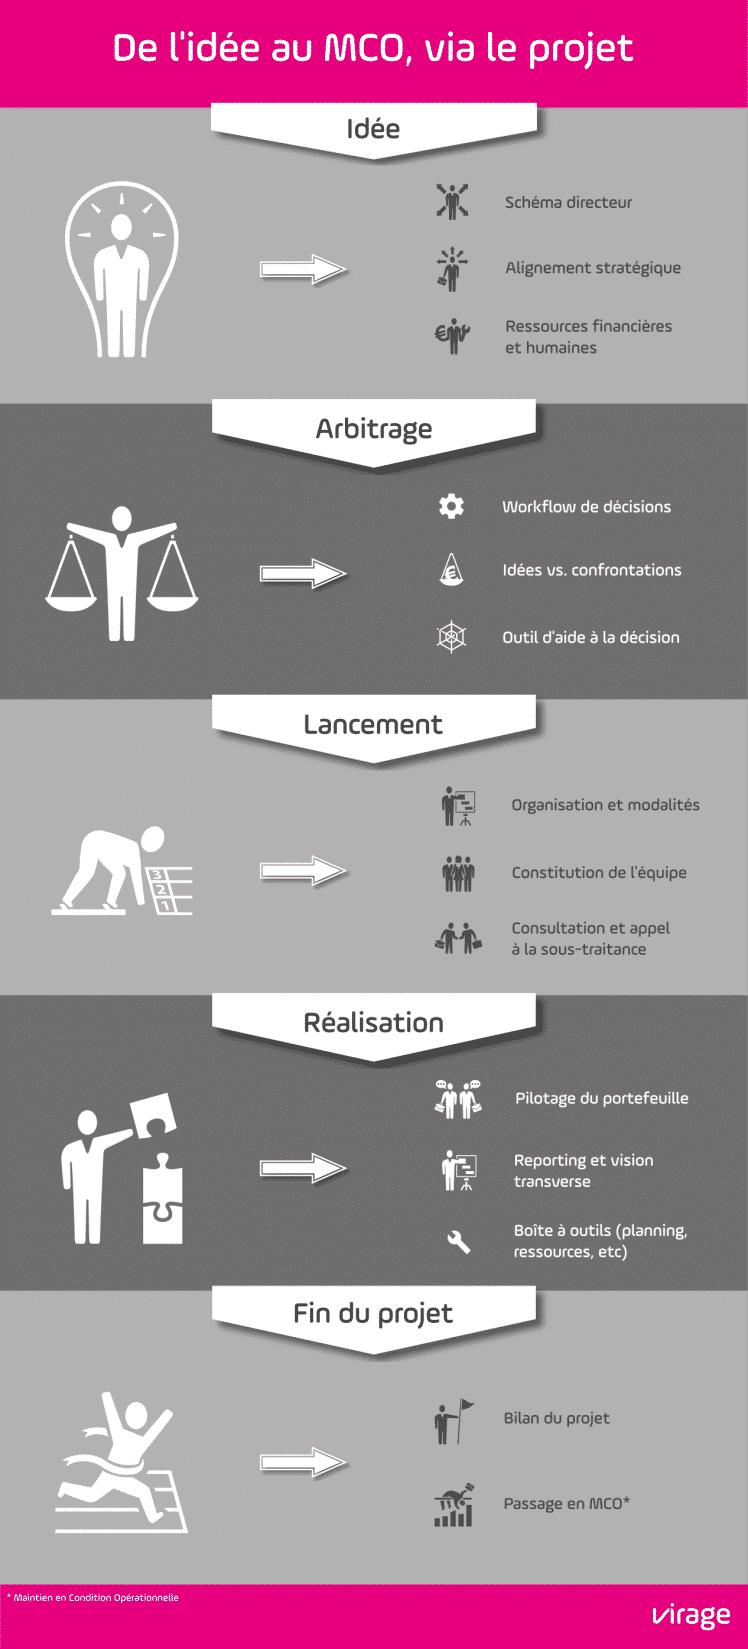 infographie - VIRAGE - Project Moniotr - DSI - collectivité